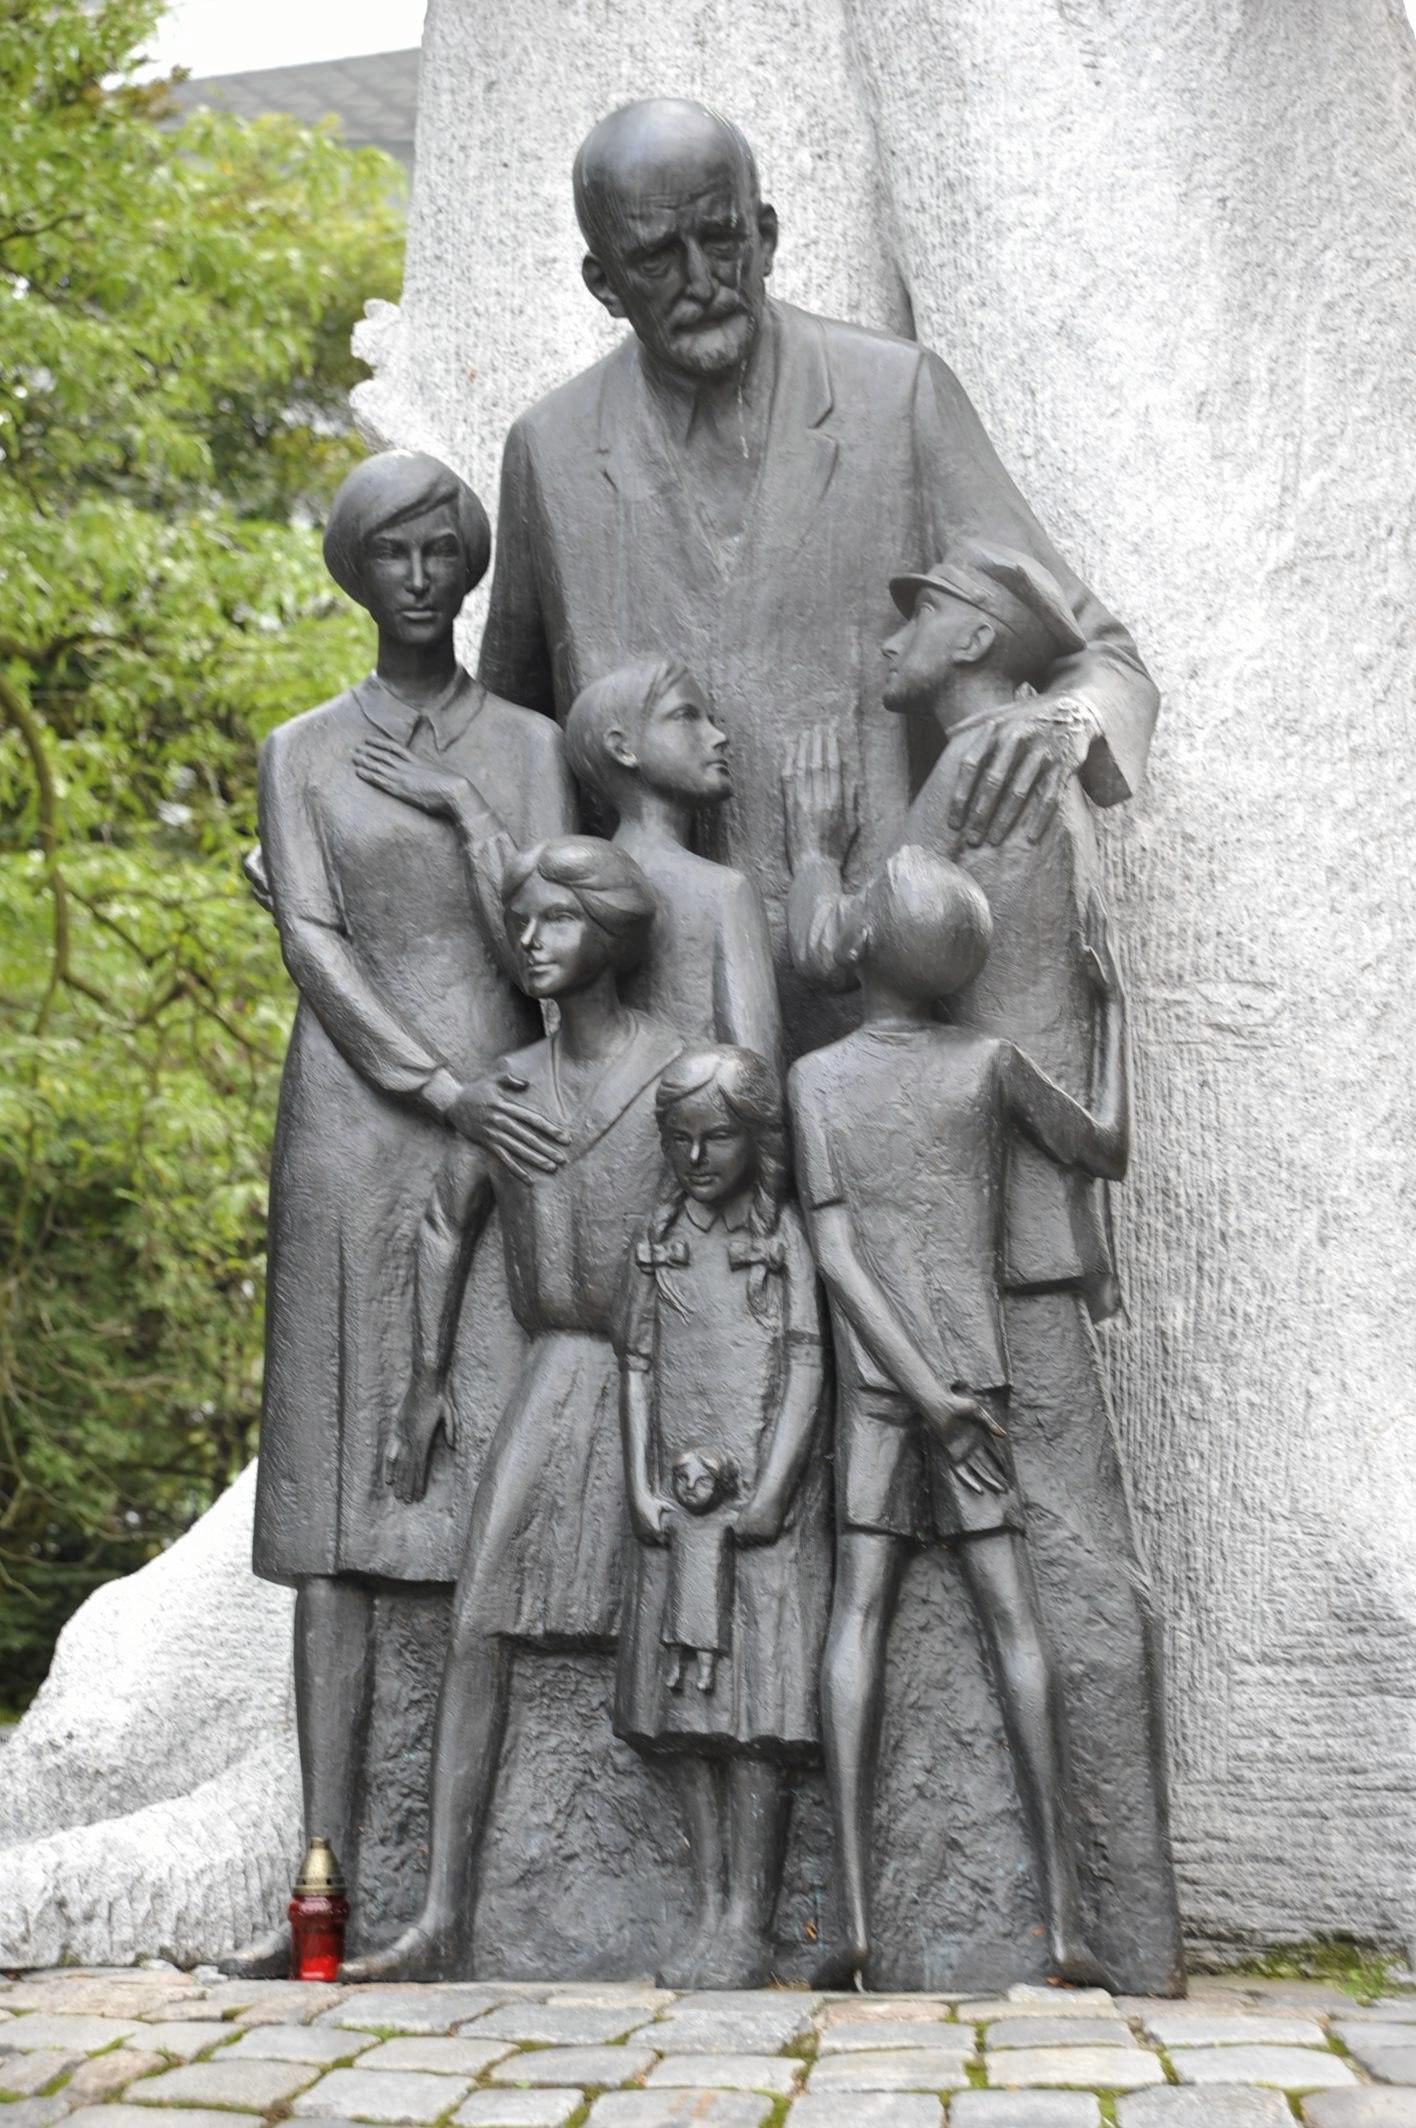 Pomnik Janusza Korczaka zaprojektowany przez Zbigniewa Wilmę i Jana Bohdana Chmielewskiego (fot. Waldemar Gorlewski / Agencja Gazeta)